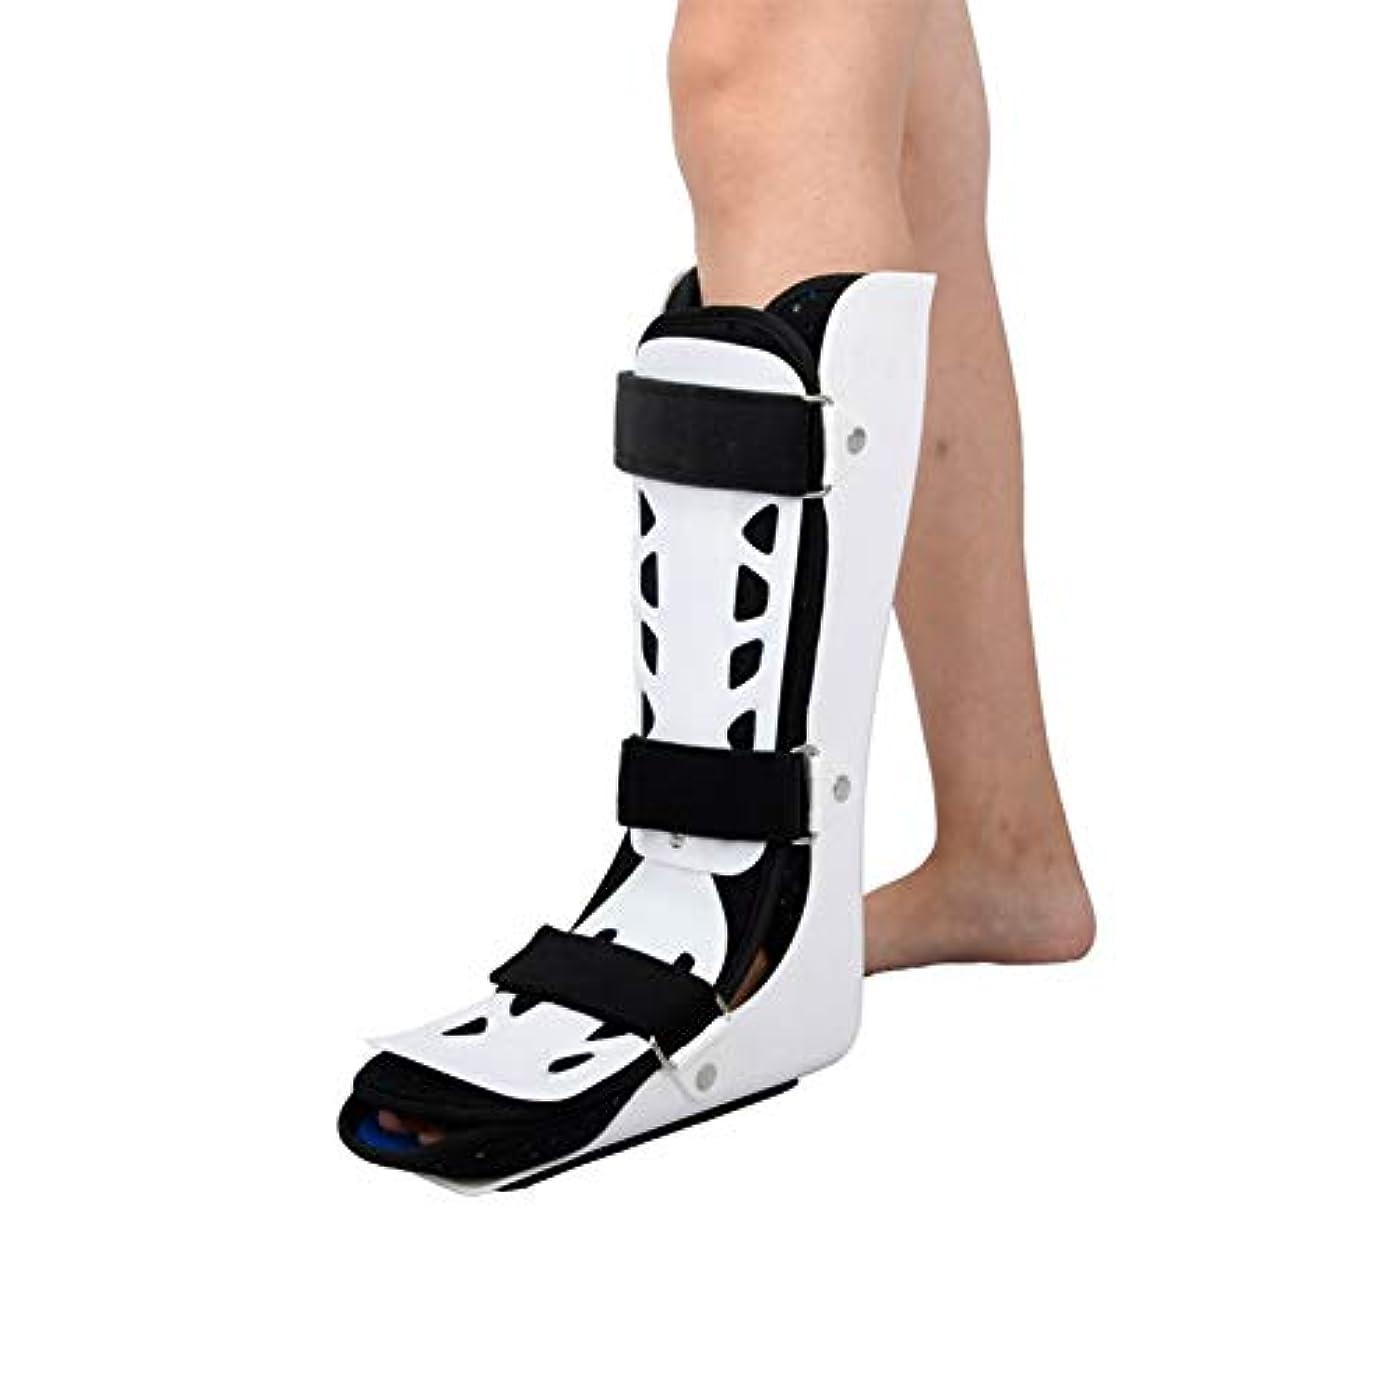 管理する溶岩医師足首サポート アキレス、大人の足首とアキレス腱を骨折し、歩行時の通気性を訓練します。足首を固定します。 (Color : 左, Size : L)